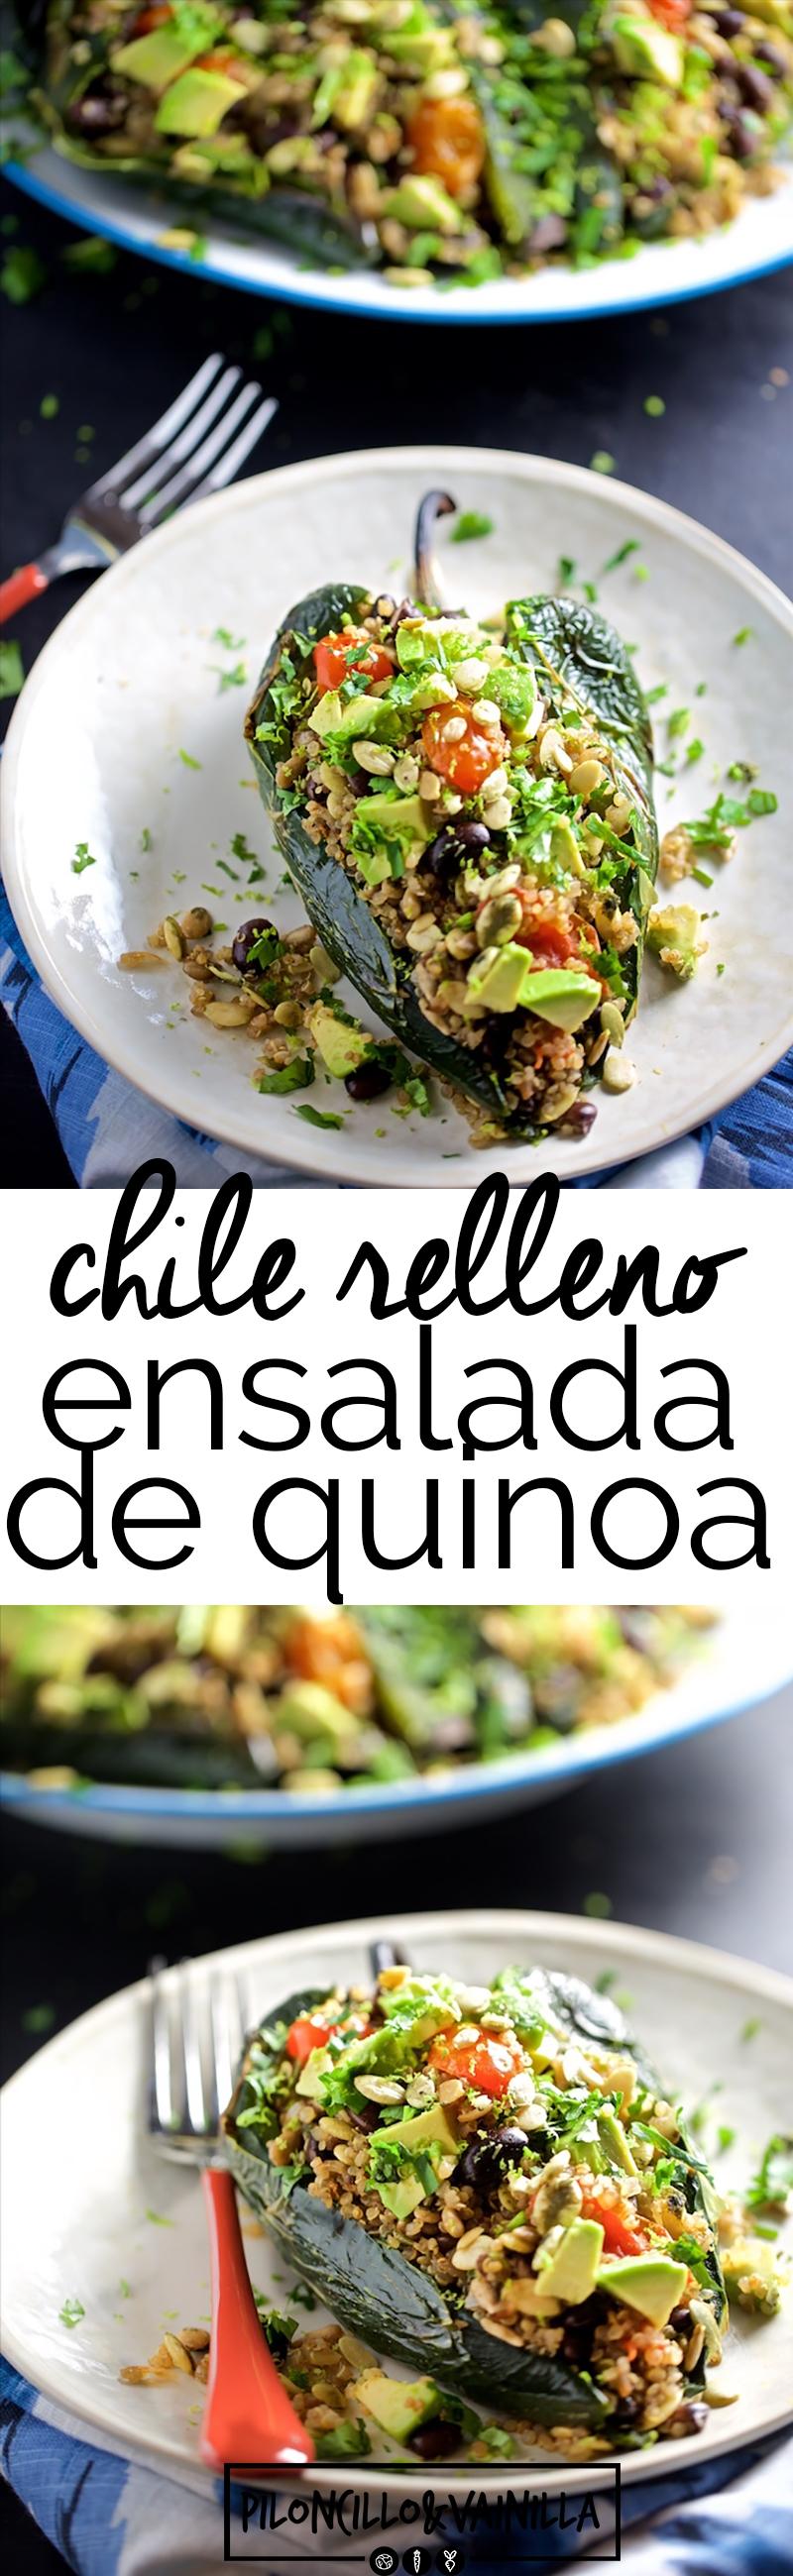 Esta receta de chiles rellenos de ensalada de quinoa y frijol negro con tomates cherry rostizados y semillas de girasol es una verdadera delicia. Es una receta fáciles, rápida y con sabor a comida mexicana, mexicana vegana.